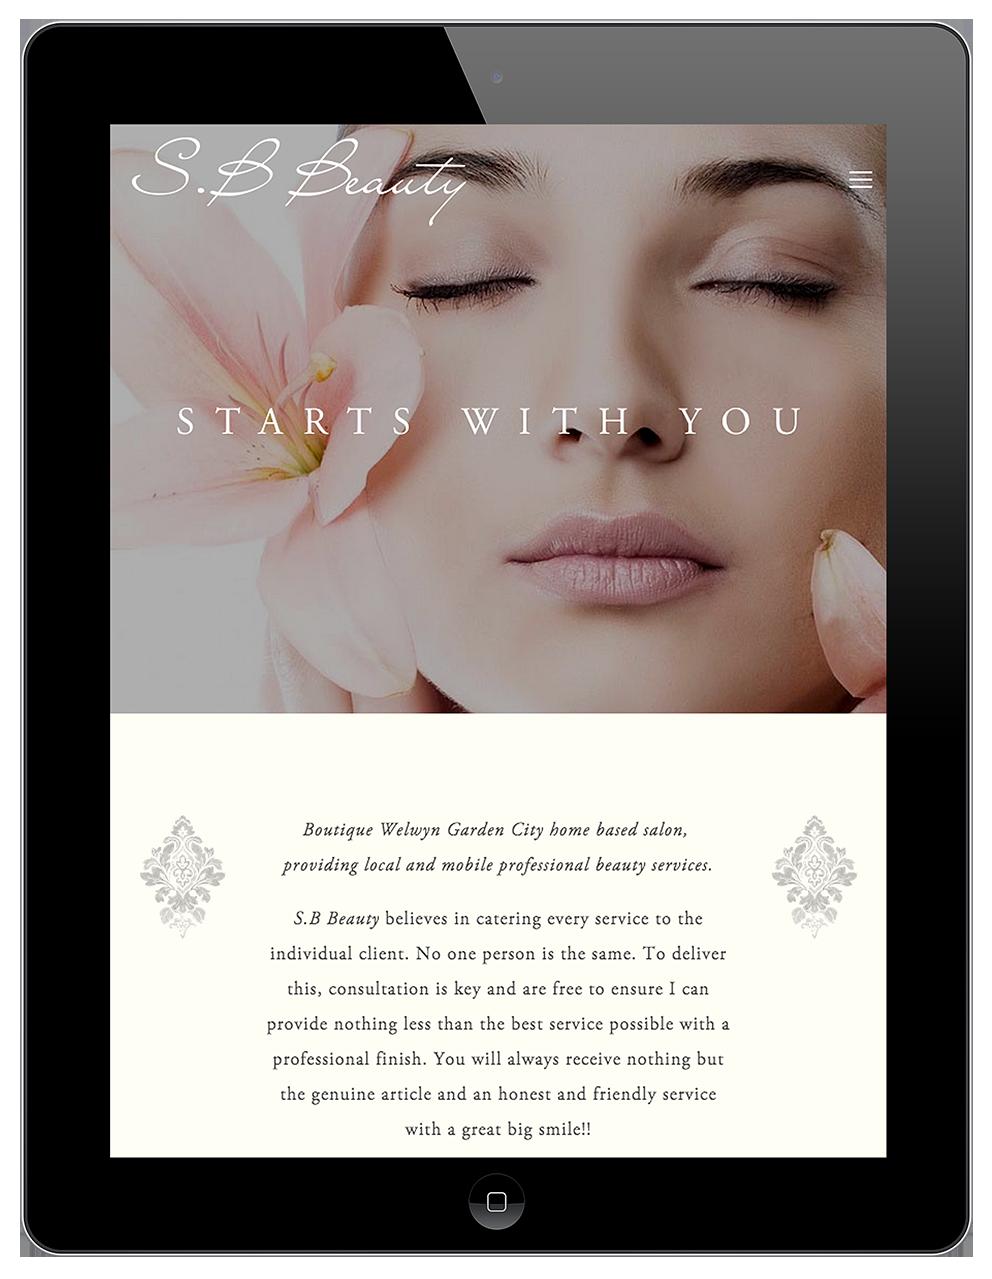 website-design-services-bath-beauty-salons-1.png